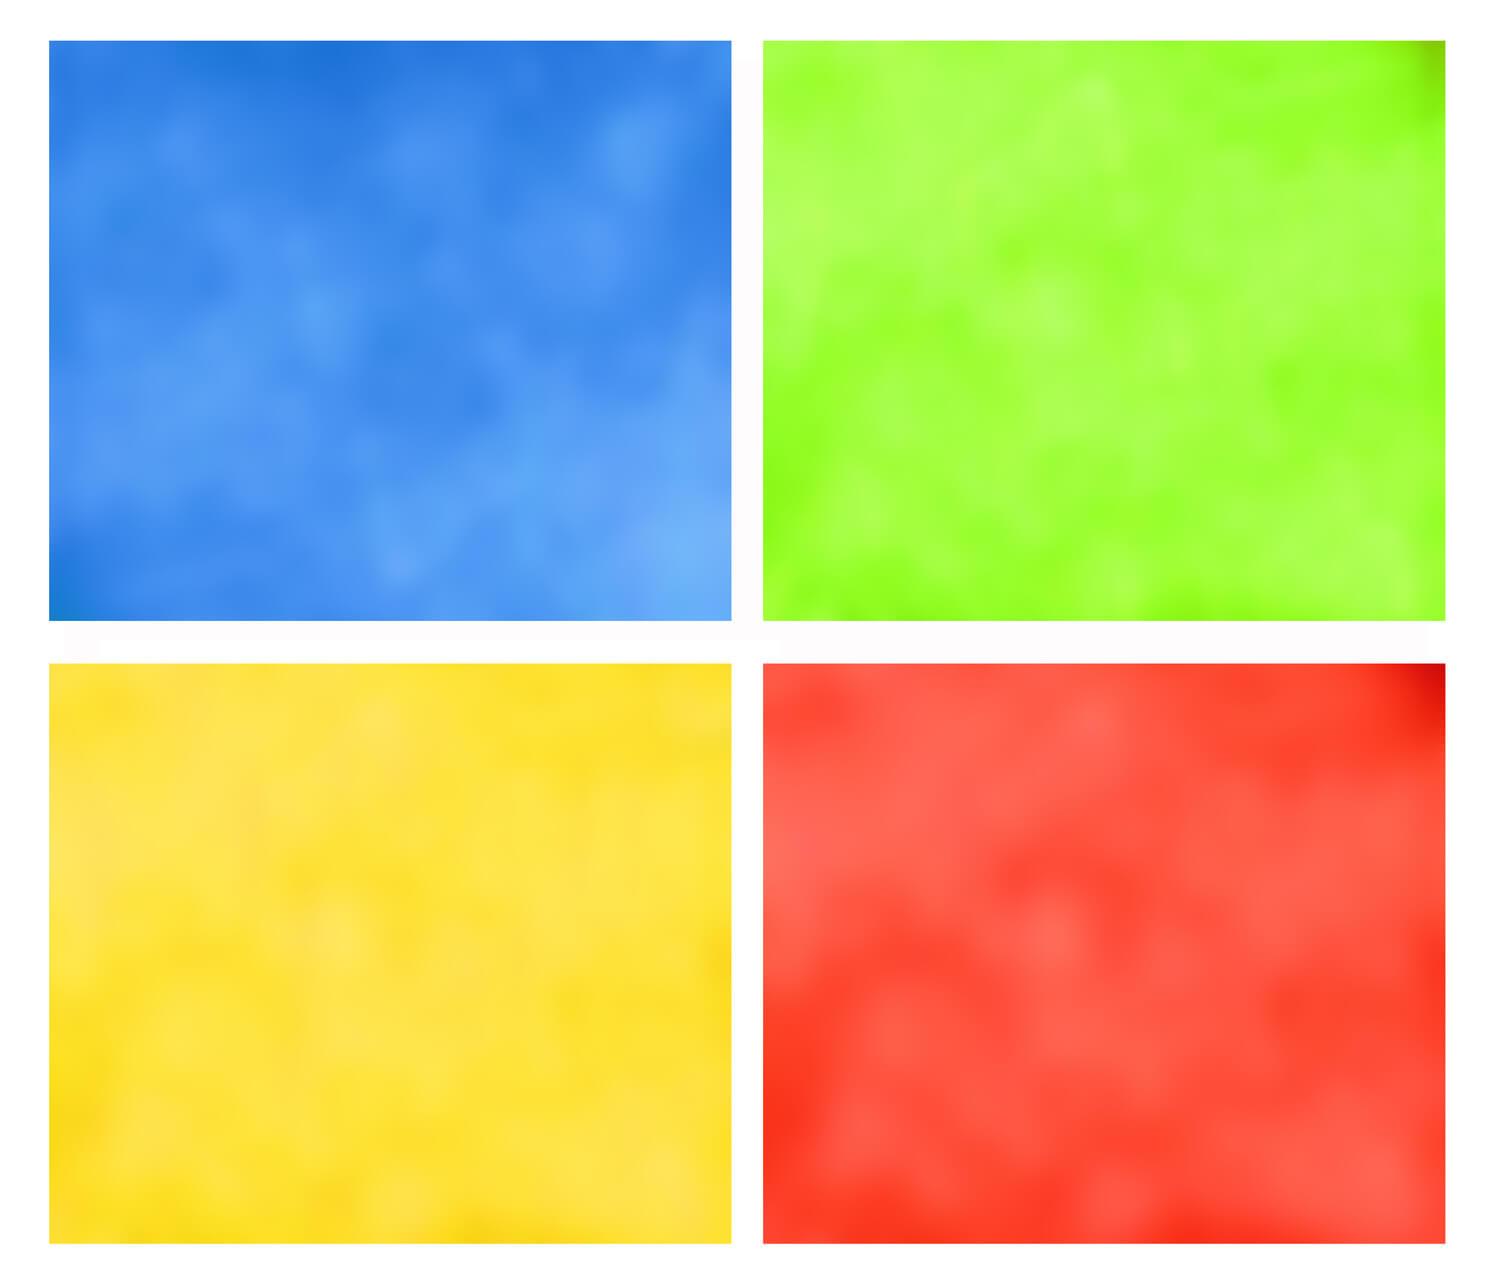 Colores primarios y secundarios definici n concepto y for Cuales son los colores minimalistas